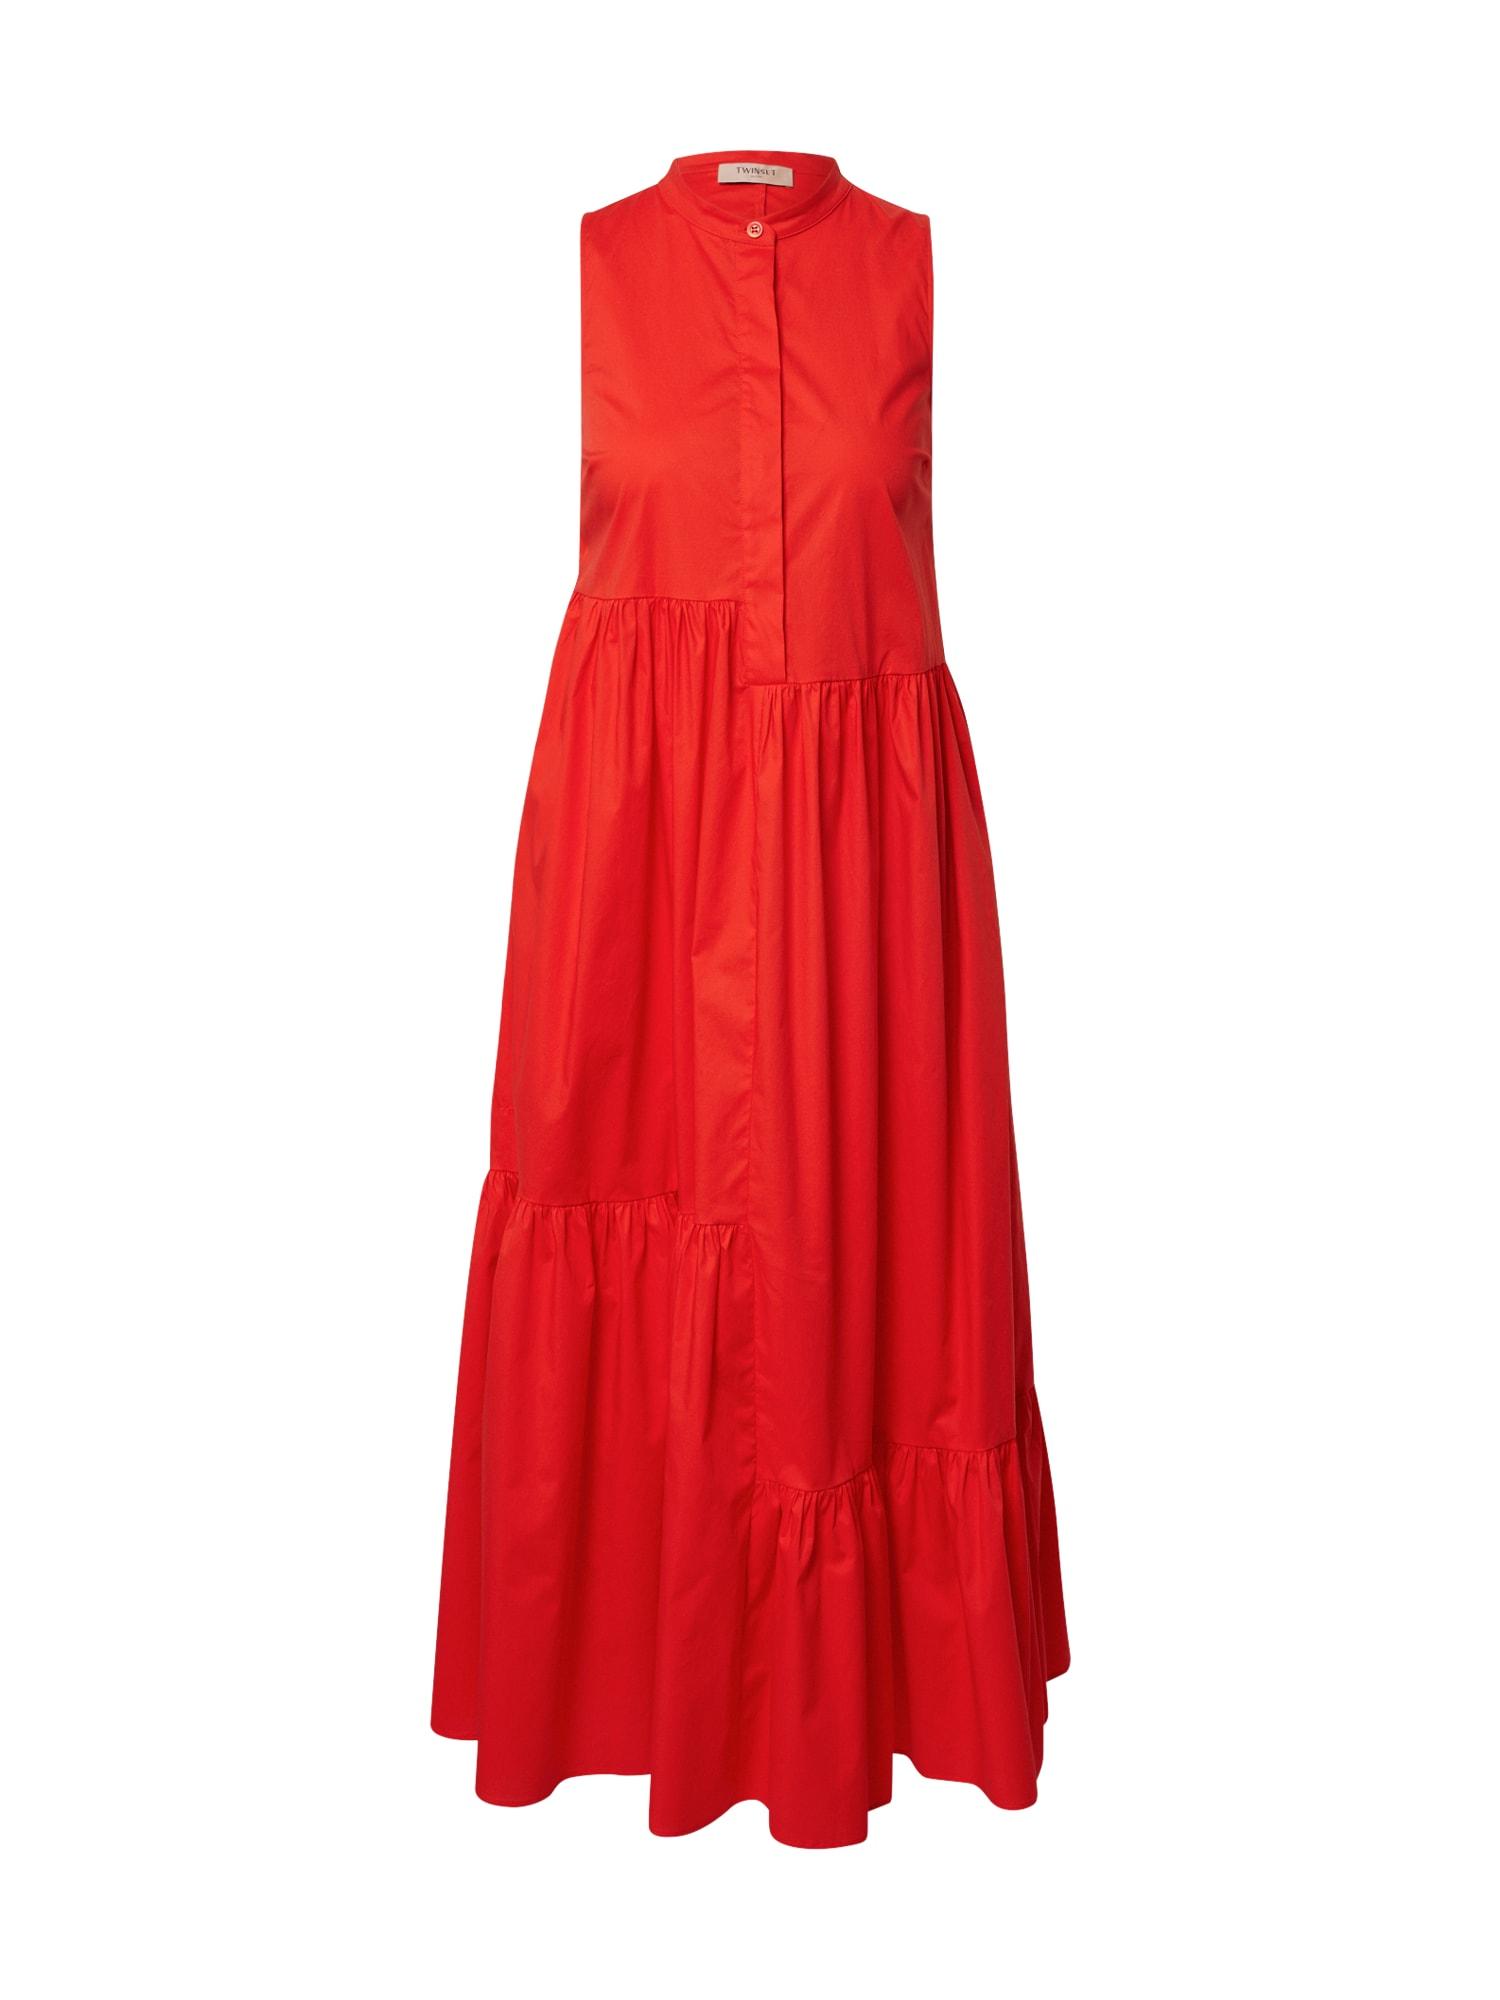 Twinset Palaidinės tipo suknelė oranžinė-raudona